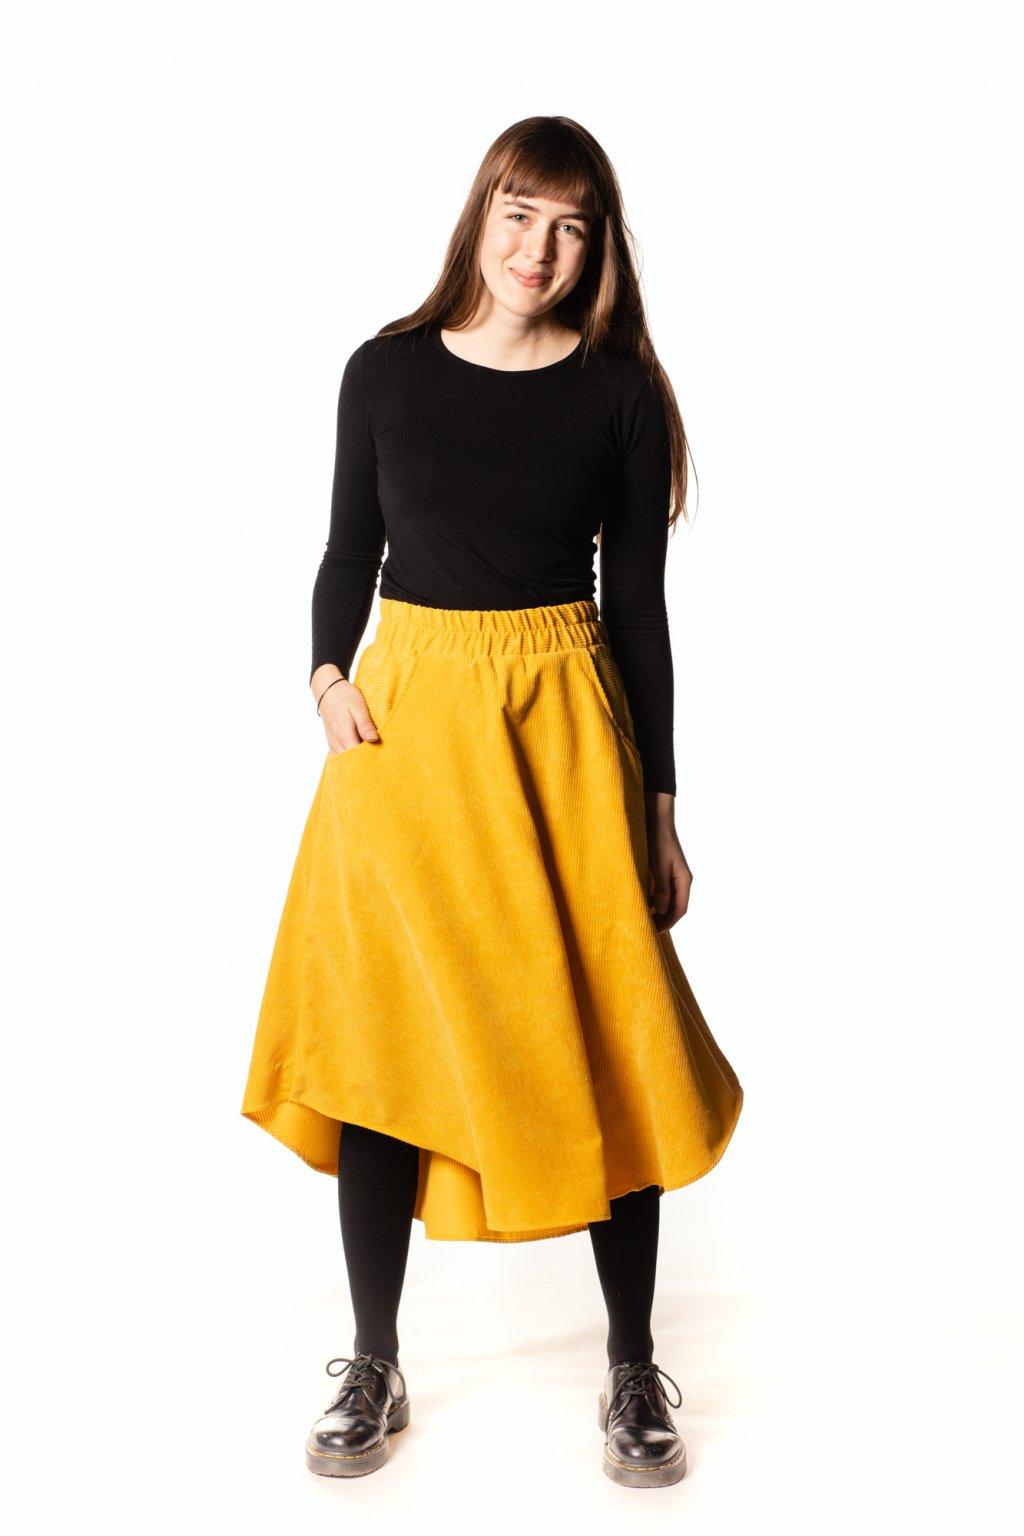 ŽLUTĚ ZÁŘIVÁ asymetrická sukně (manšestr klasický)